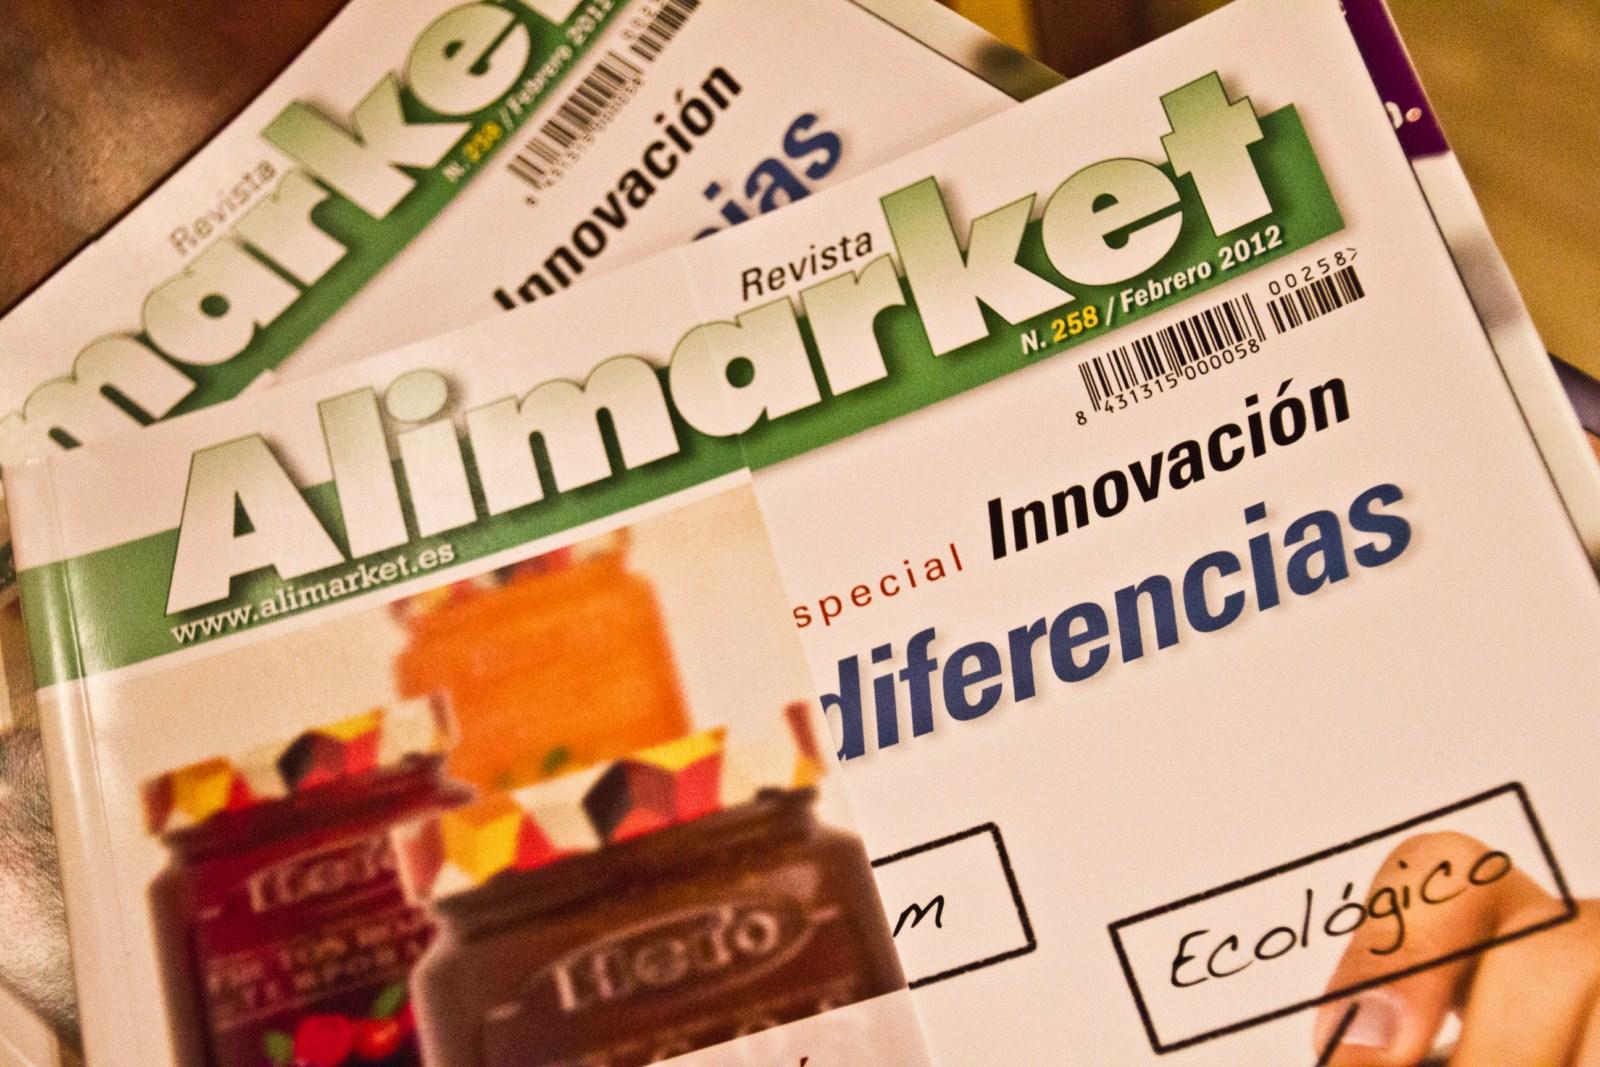 Revista Alimarket